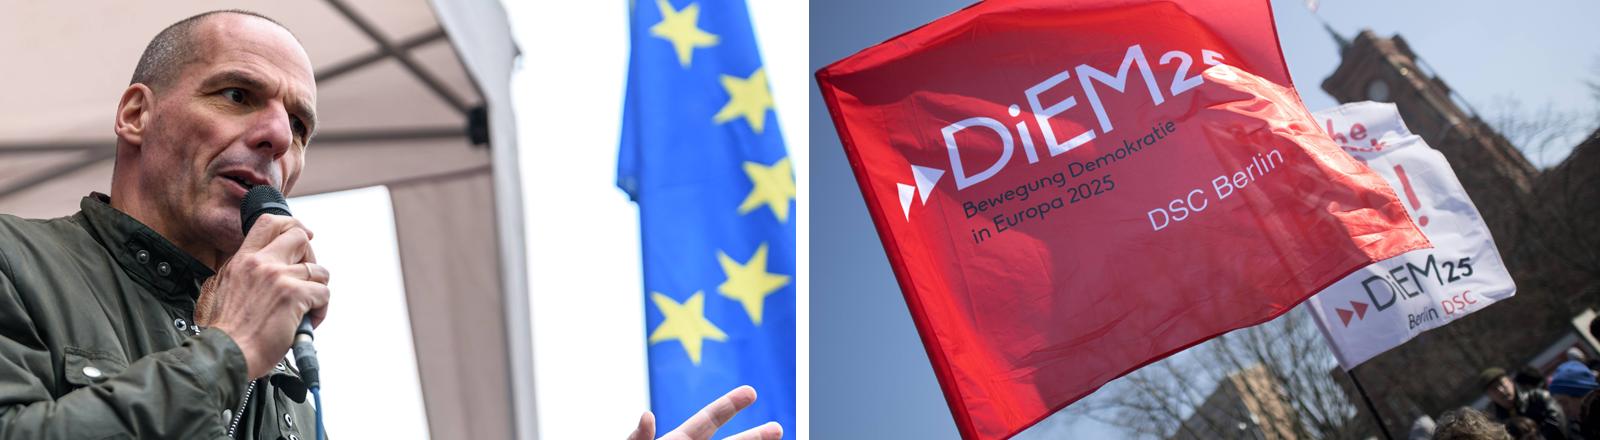 Yanis Varoufakis (Spitzenkandidat DiEM25 zur Europawahl) bei der Pro-Europa-Demonstration der Bewegung PULSE OF EUROPE gegen den drohenden Brexit und für die europäische Idee auf dem Berliner Gedarmenmarkt | Flagge der Europa-Bewegung Diem25